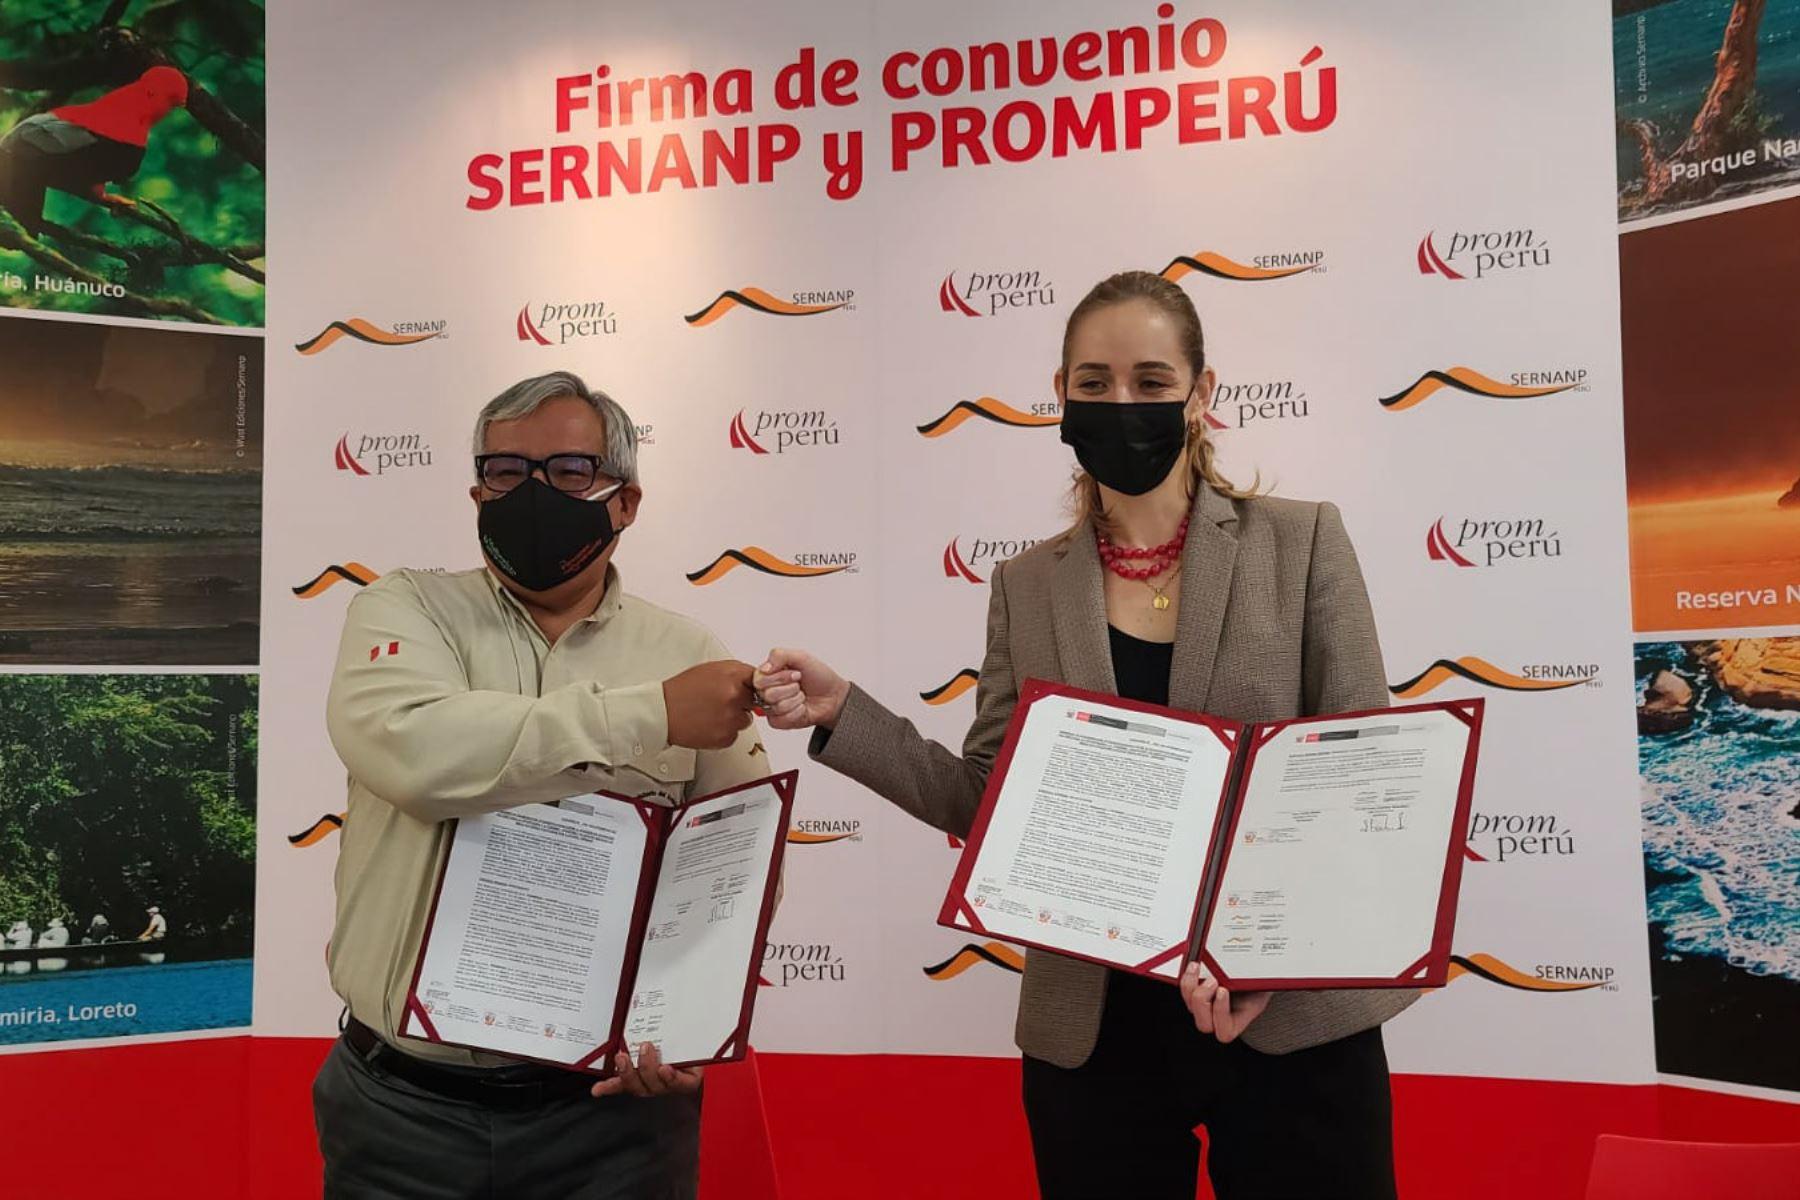 Promperú y Sernanp pondrán en valor y promocionarán la visita responsable hacia las más de 40 áreas naturales protegidas del territorio nacional . Foto: ANDINA/Difusión